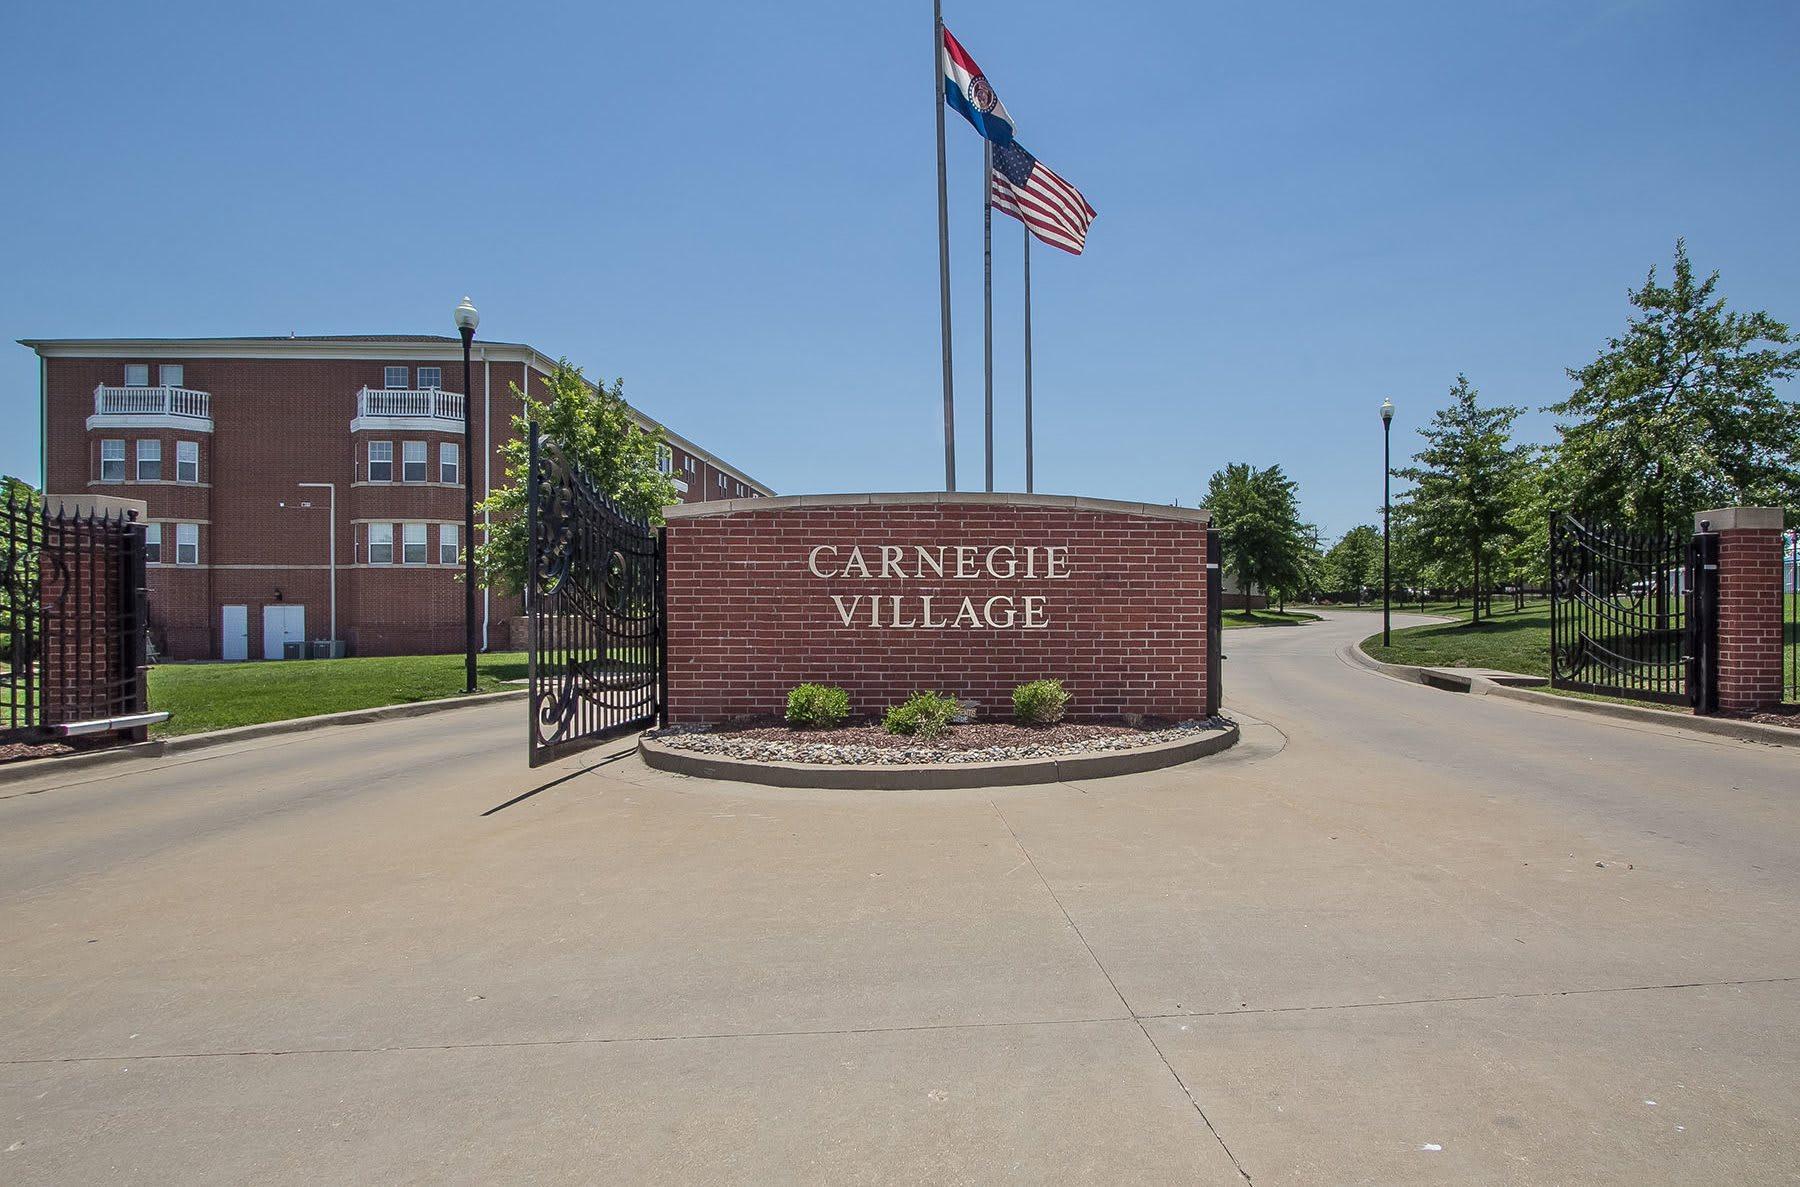 Photo 1 of Carnegie Village